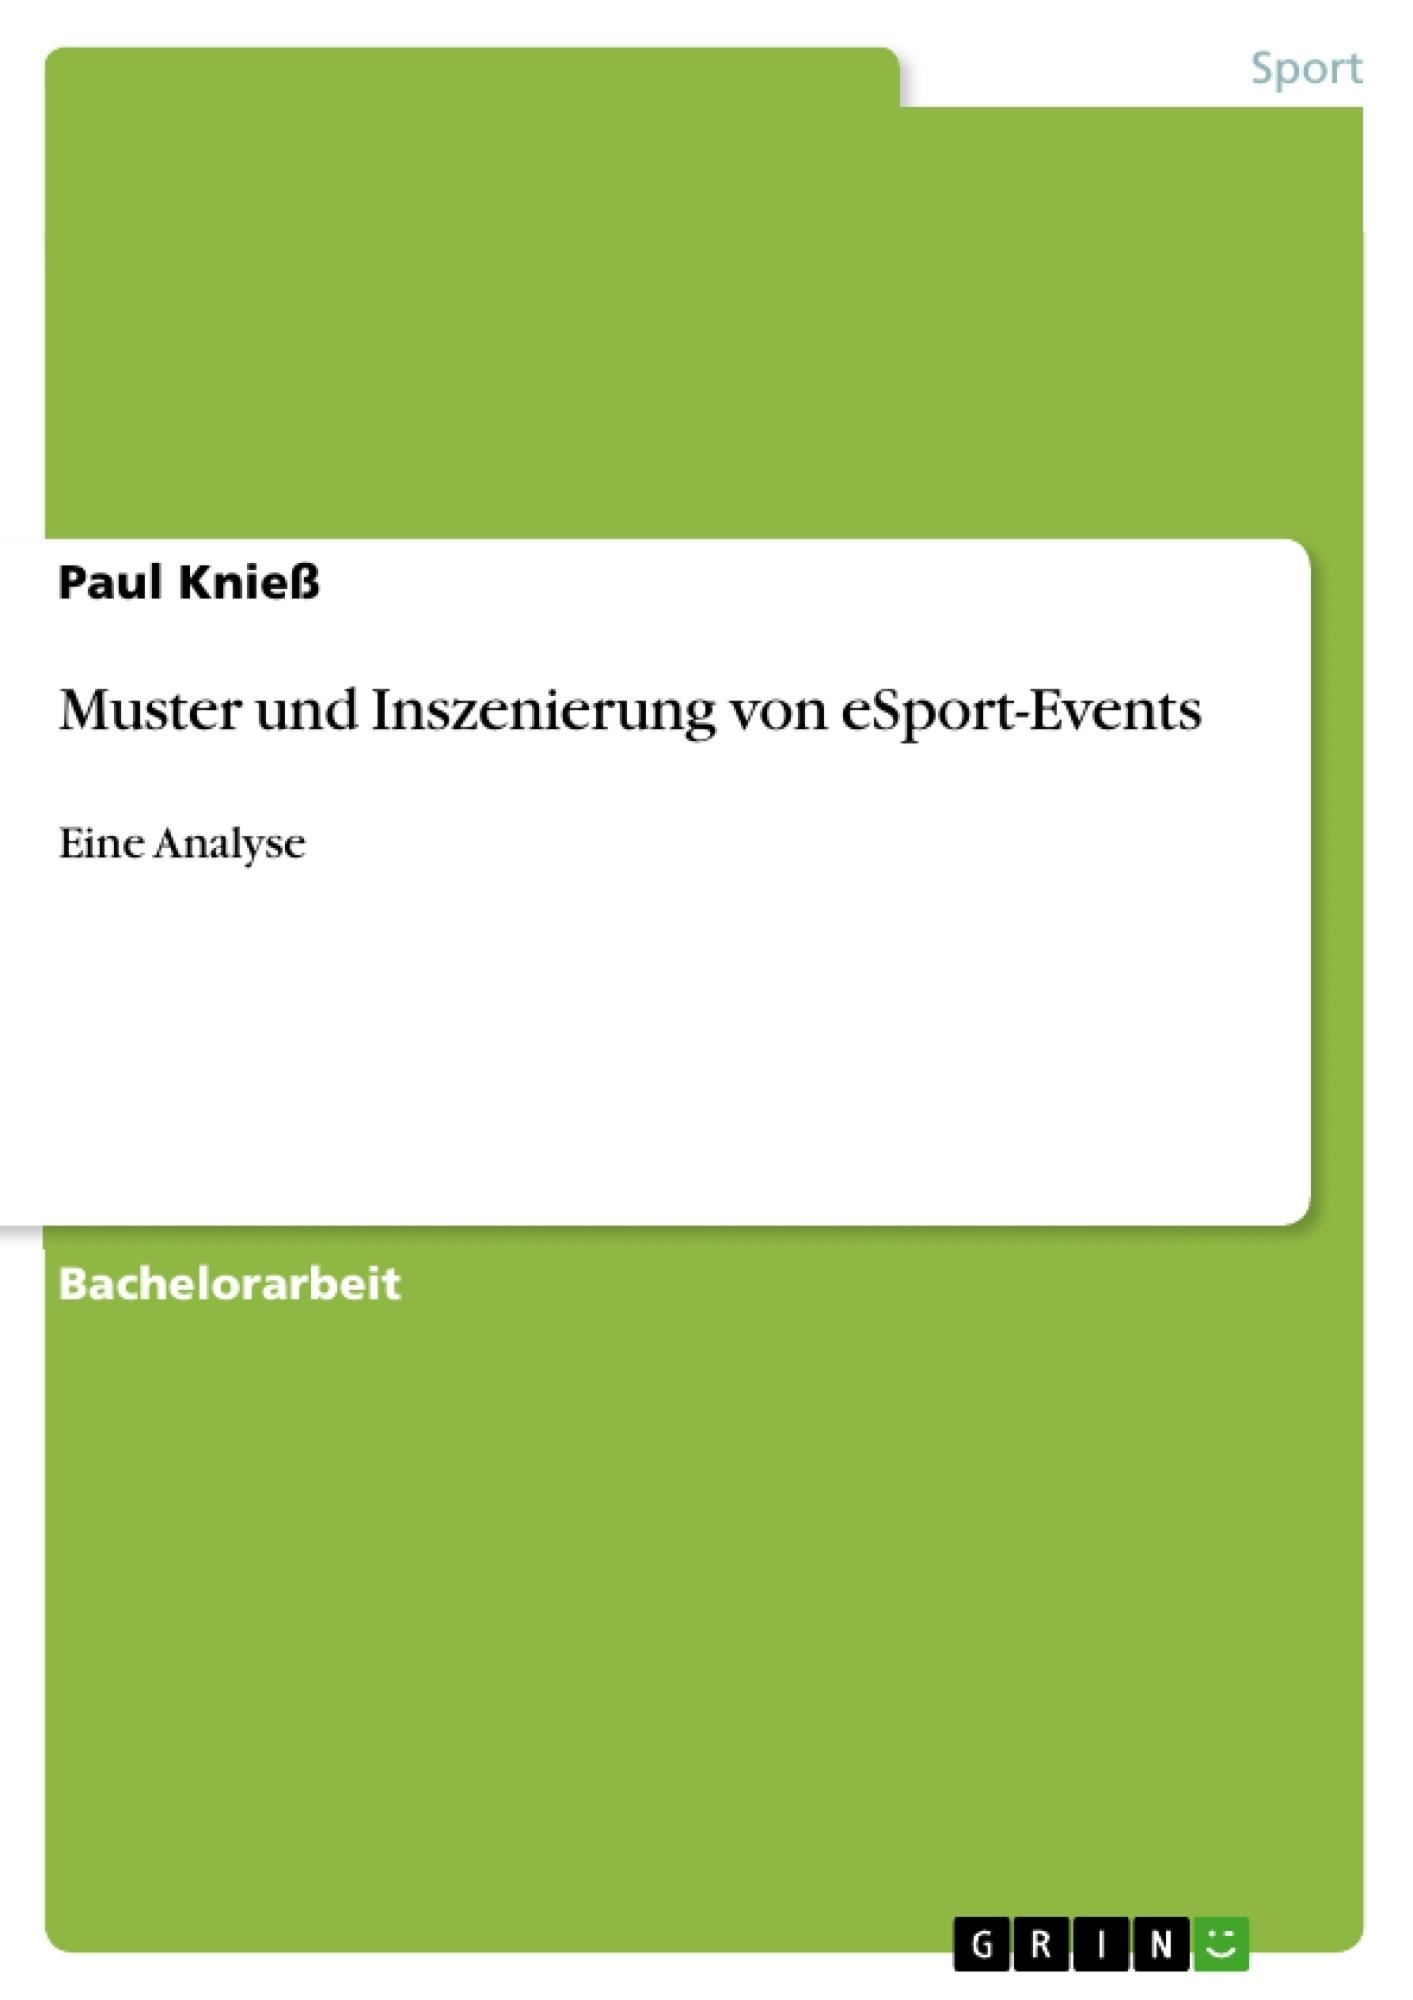 Titel: Muster und Inszenierung von eSport-Events